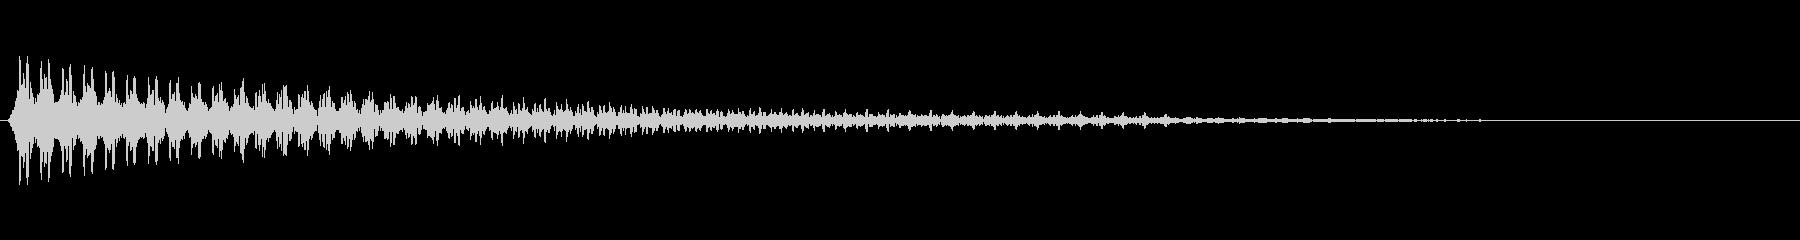 暗め選択音(ボーン)の未再生の波形